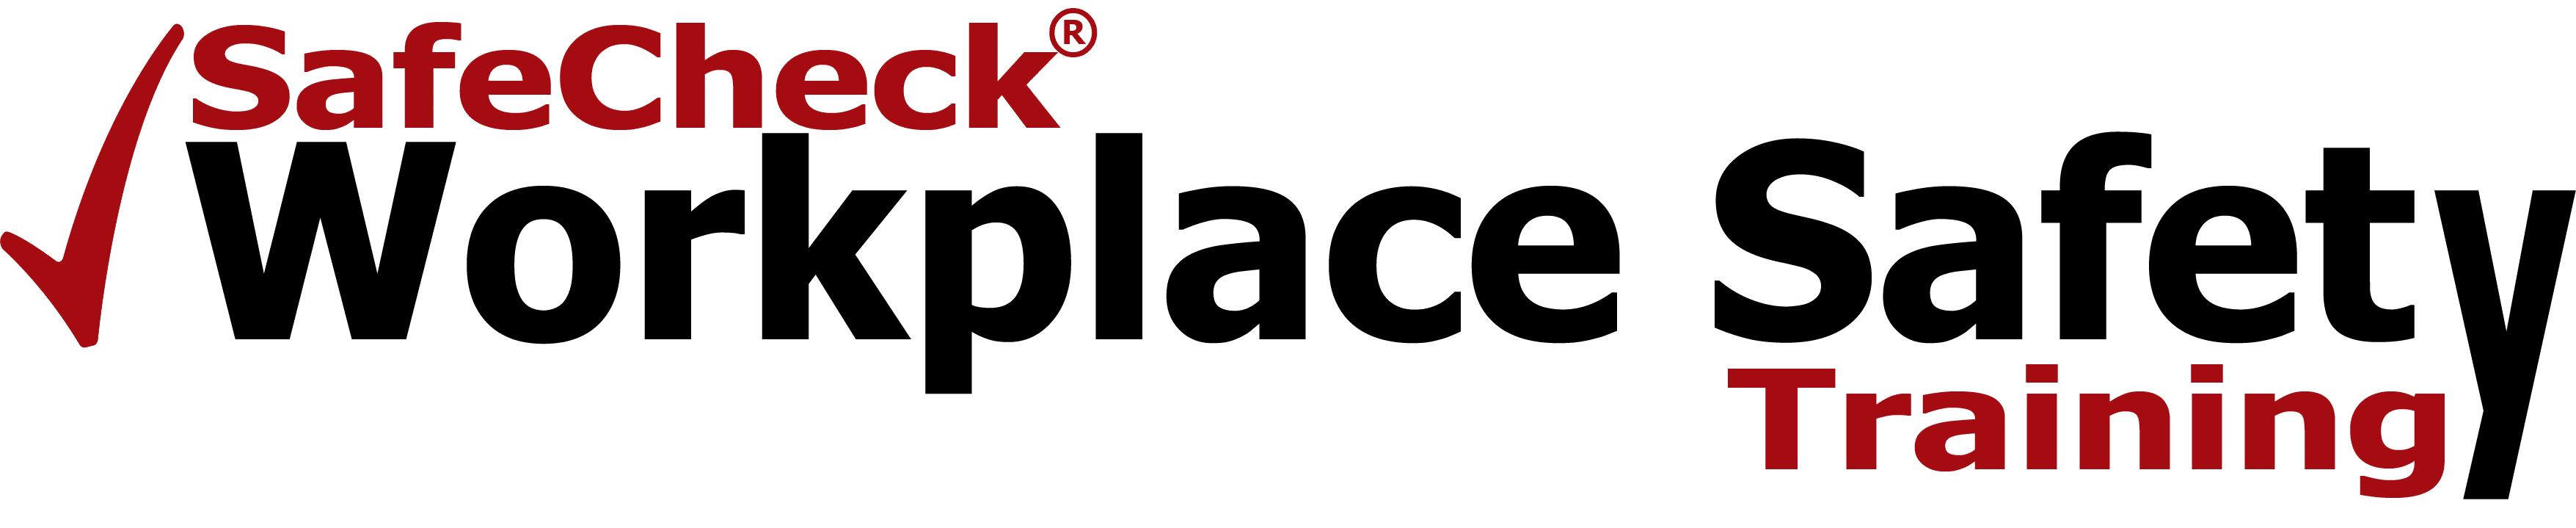 SafeCheck WPS New Logo